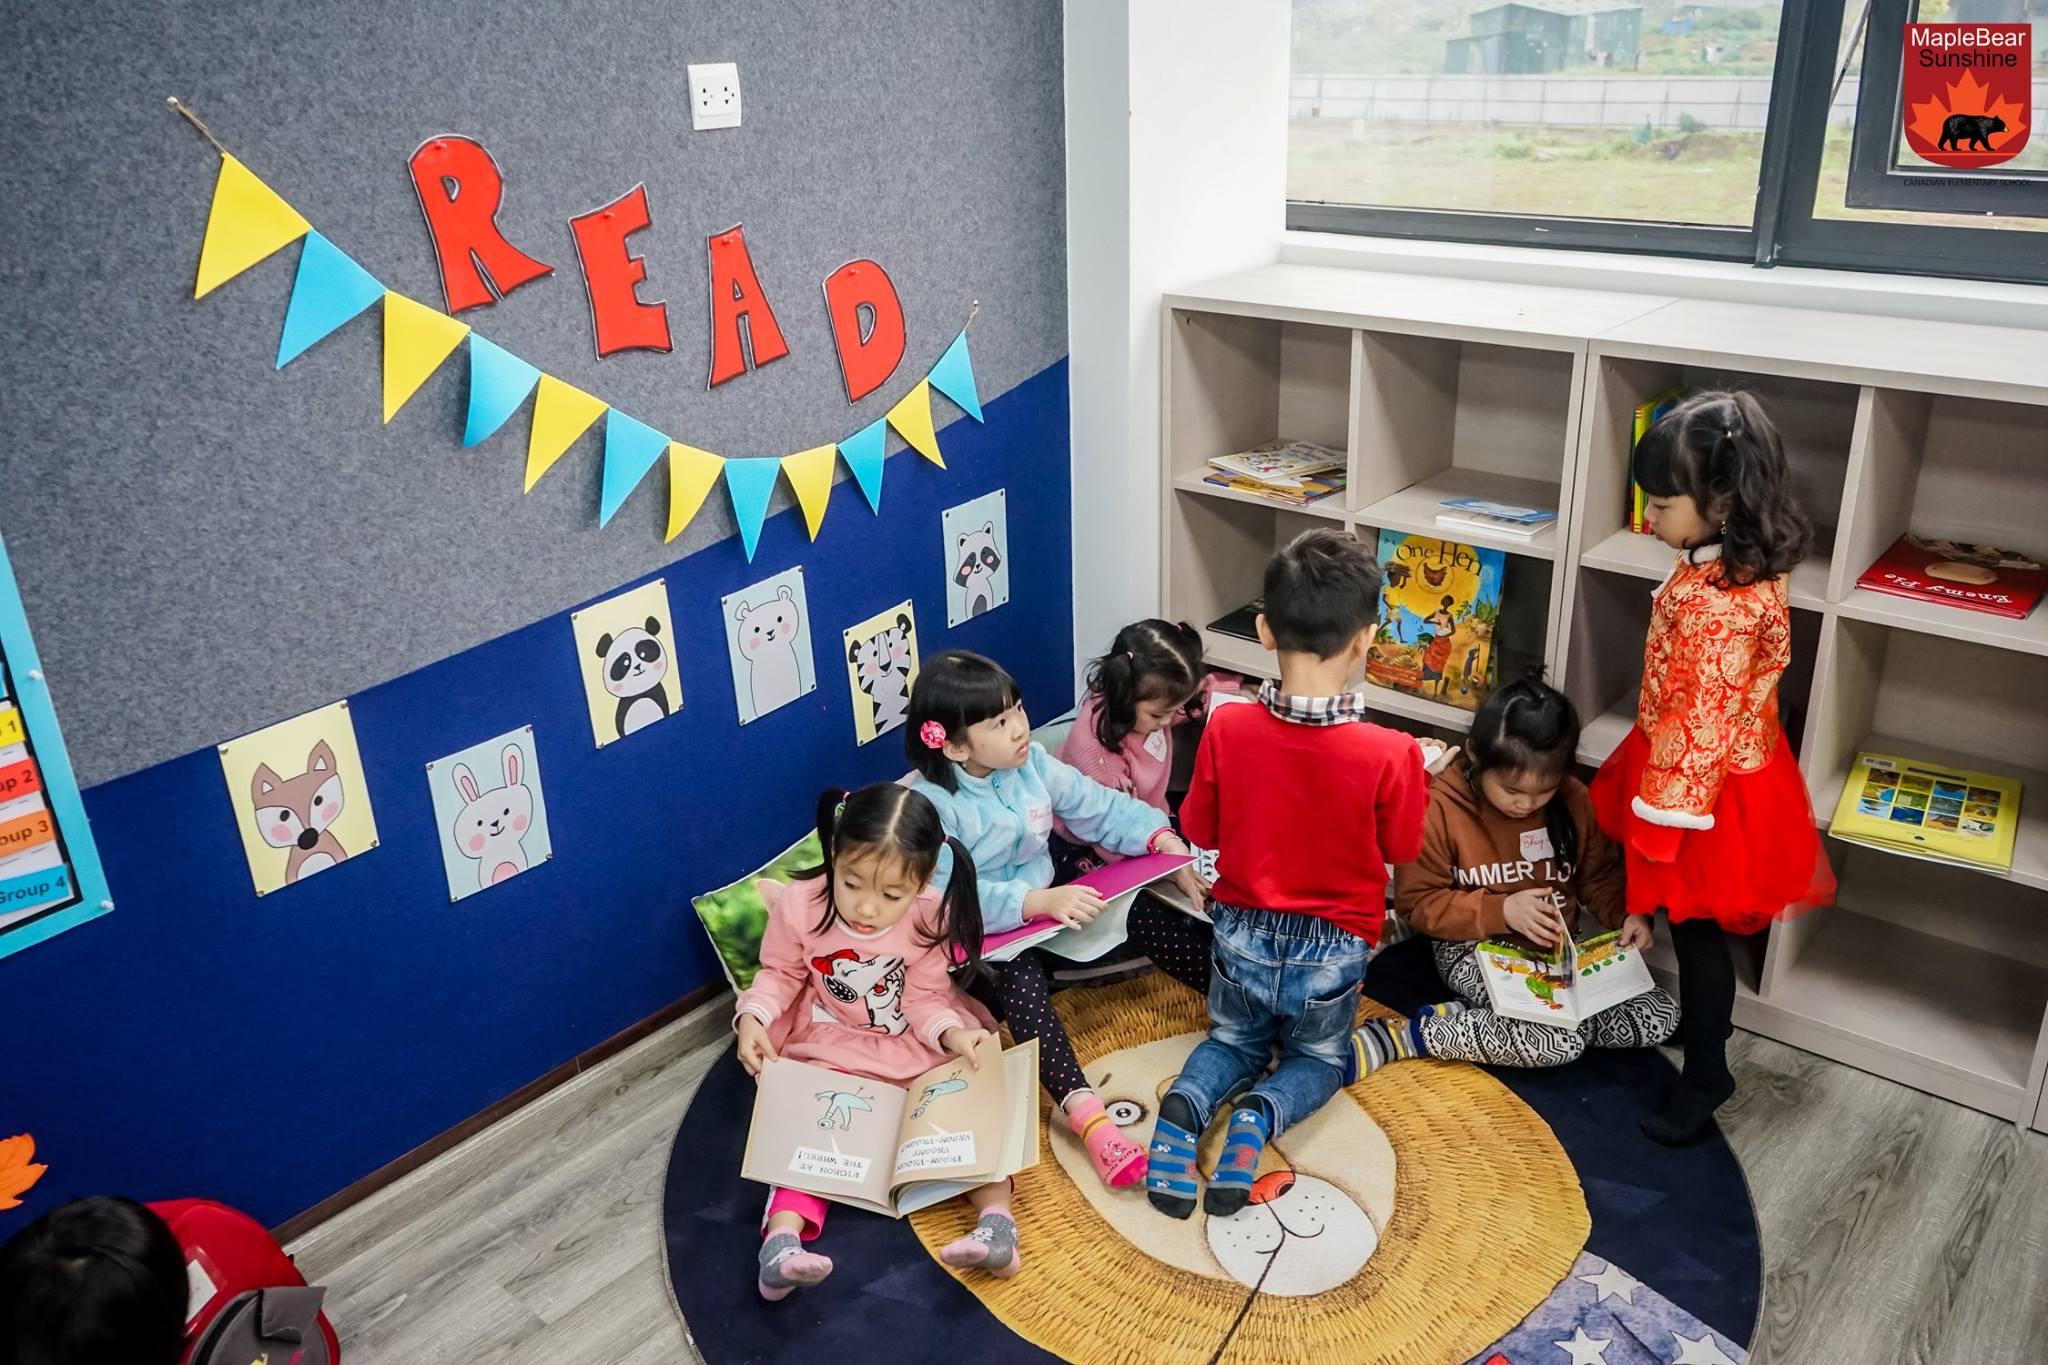 """Nhiều bạn nhỏ hào hứng với """"Góc đọc sách"""" của """"lớp học hạnh phúc"""". Tại đây các bạn nhỏ được tha hồ chọn lựa và tìm đọc những cuốn sách mình yêu thích."""